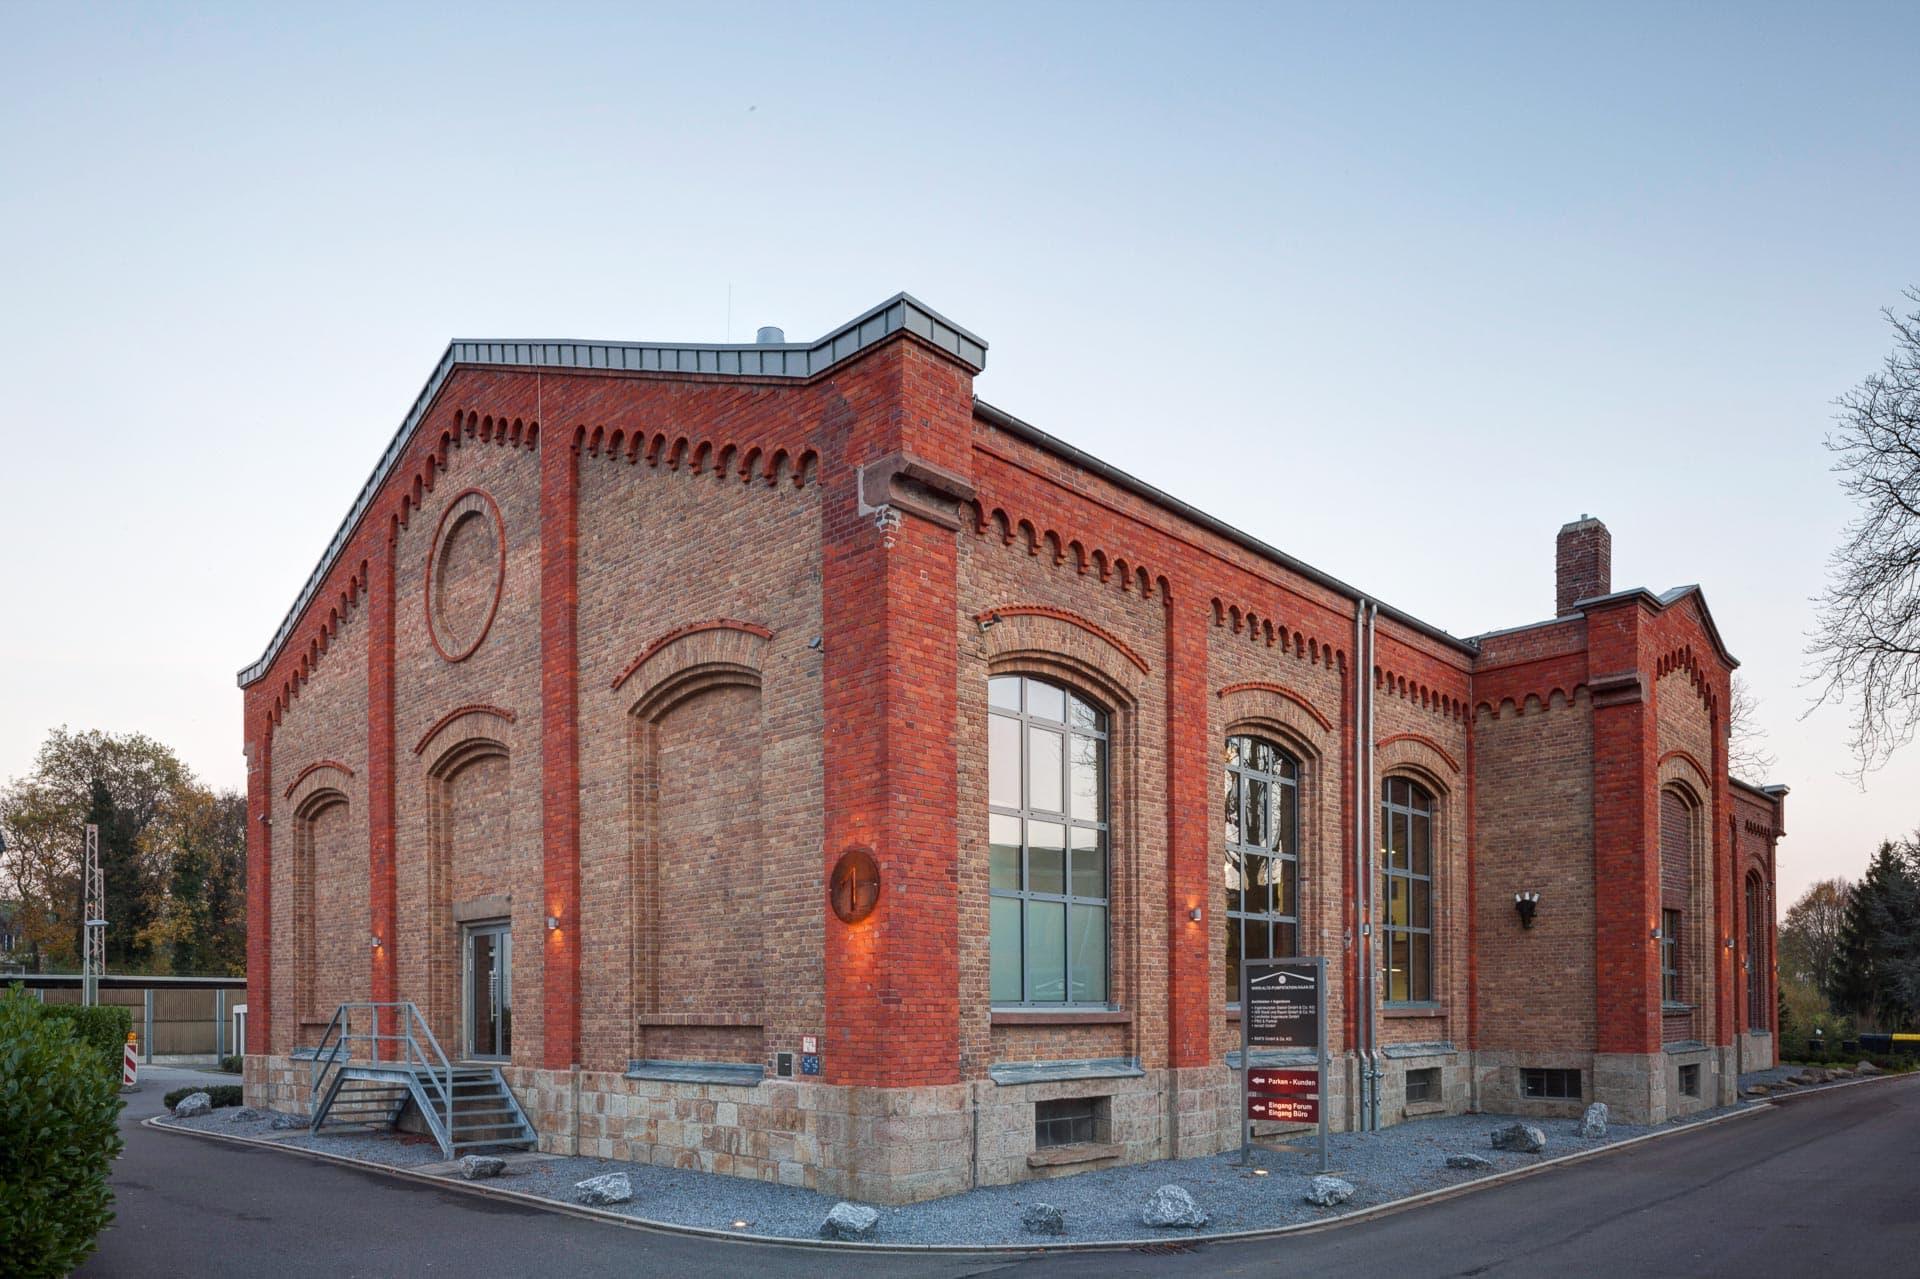 Gewerbeimmobilen-Fotografie: Architekturfotografie in Nordrhein-Westfalen: Altes Pumpwerk Haan.